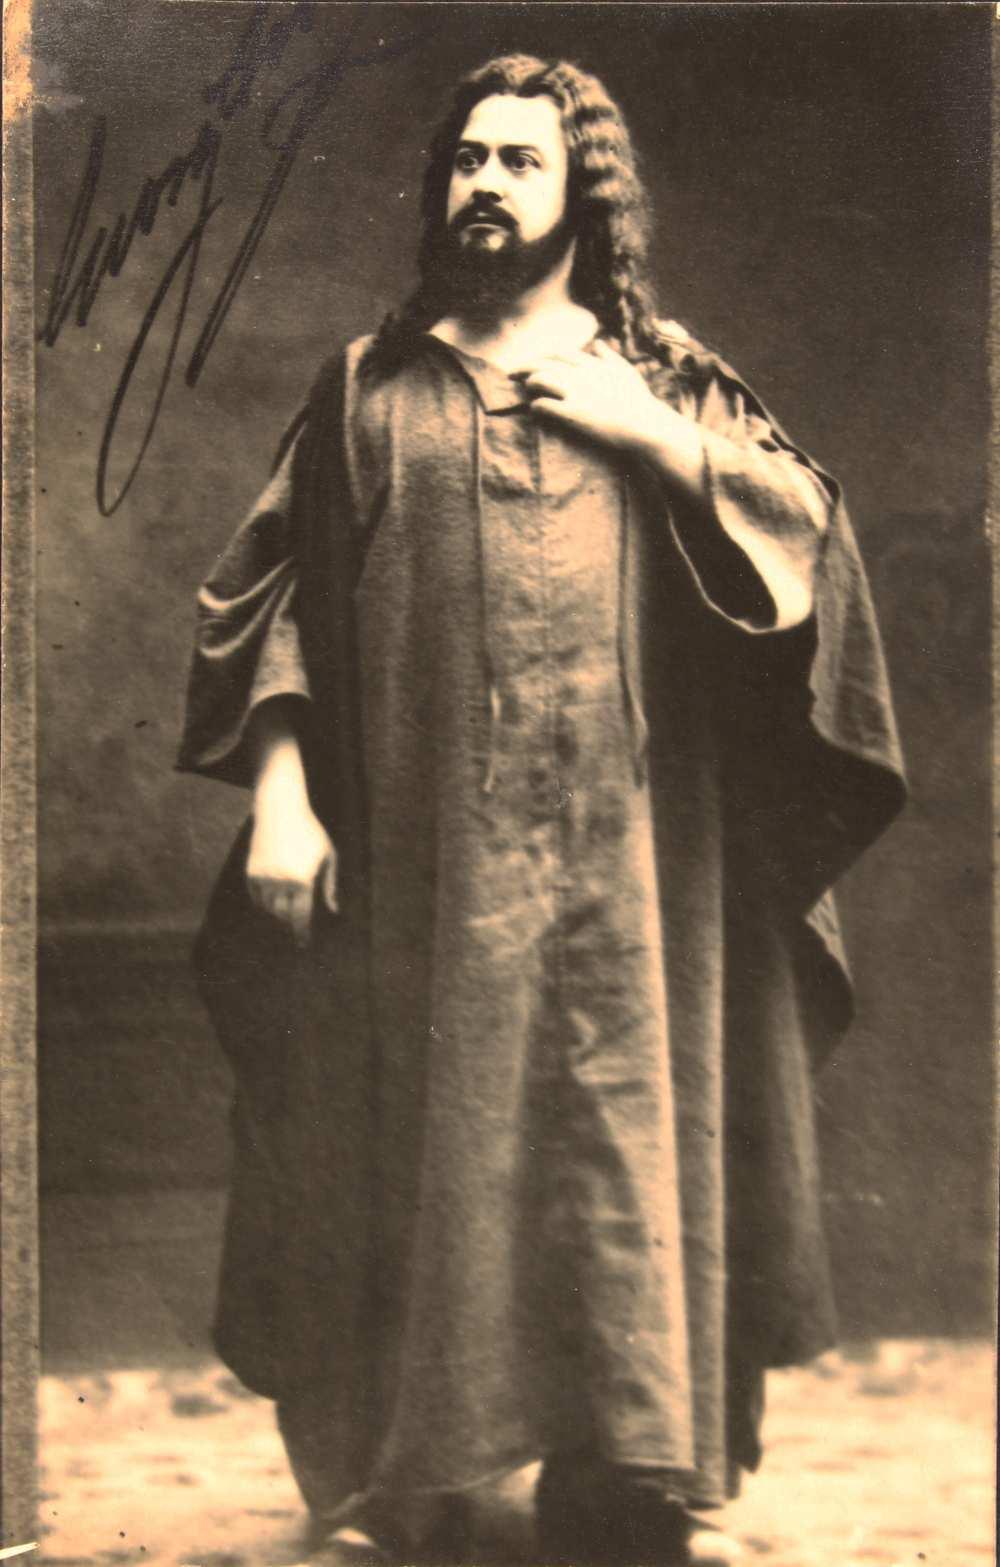 Georg Anthes (Anthes György) (1863‒1922) Sámson szerepében, amelyet 1904 és 1913 között játszott a budapesti Operaházban. Jelzet: KA 804.– Színháztörténeti Tár